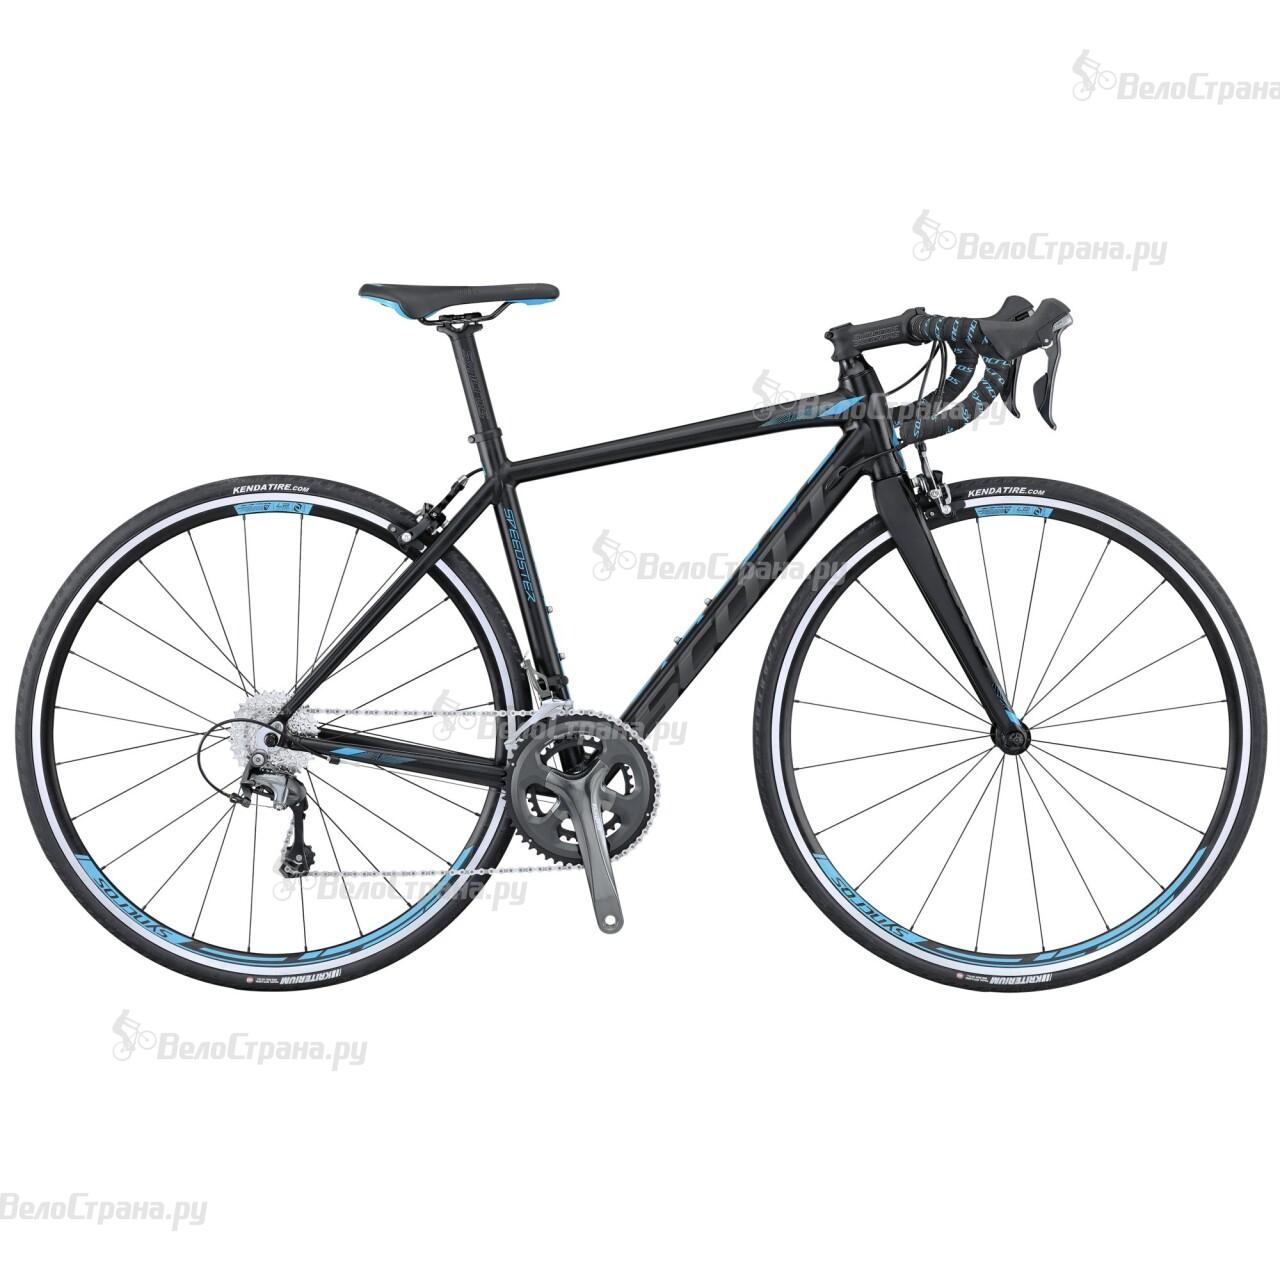 Велосипед Scott Contessa Speedster 25 (2016) велосипед scott contessa speedster 15 2015